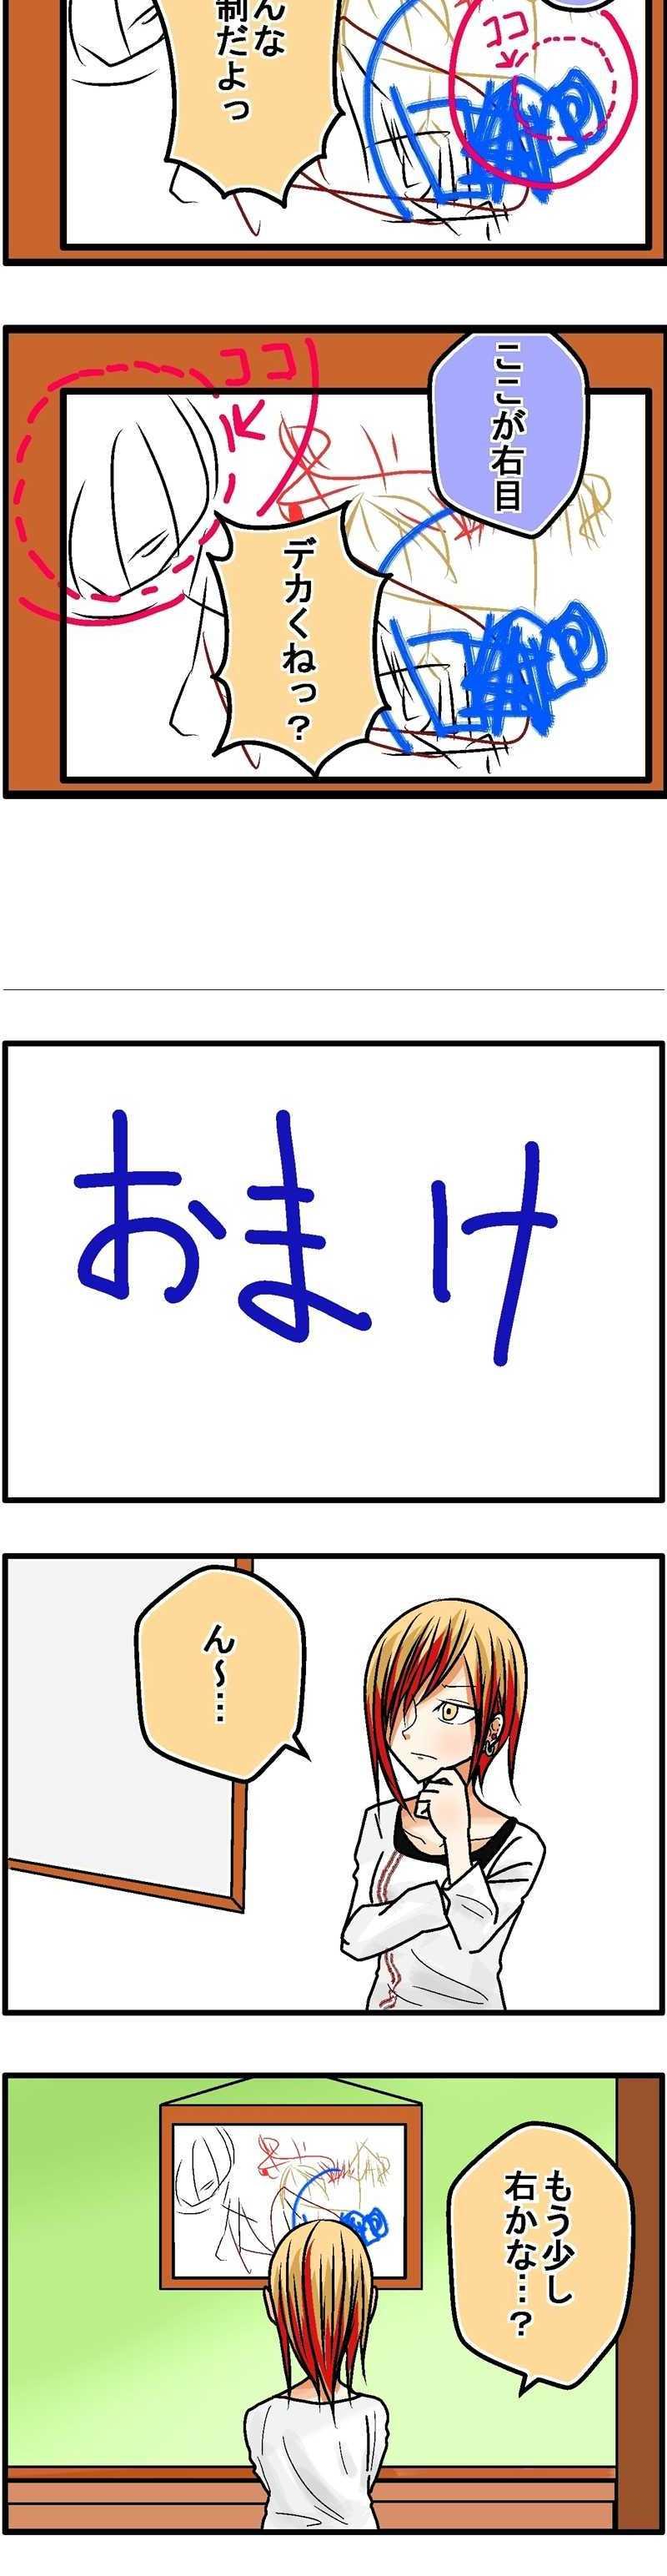 03#「芸術」